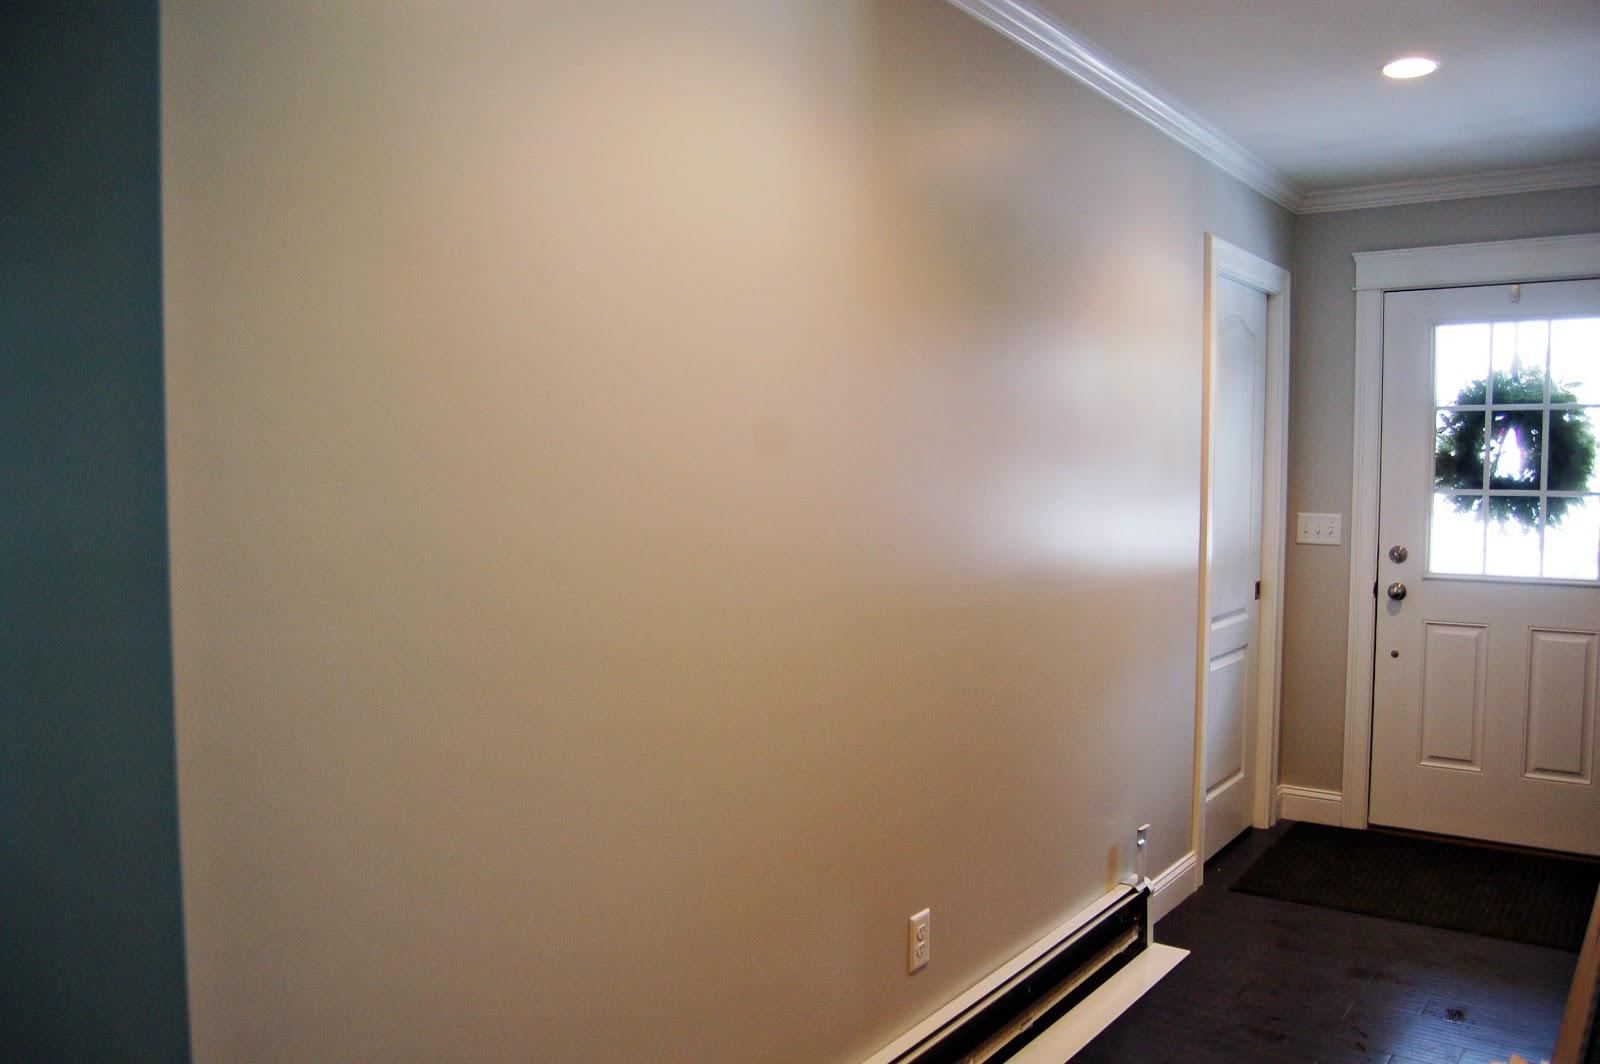 Глянцевая краска на стенах в прихожей